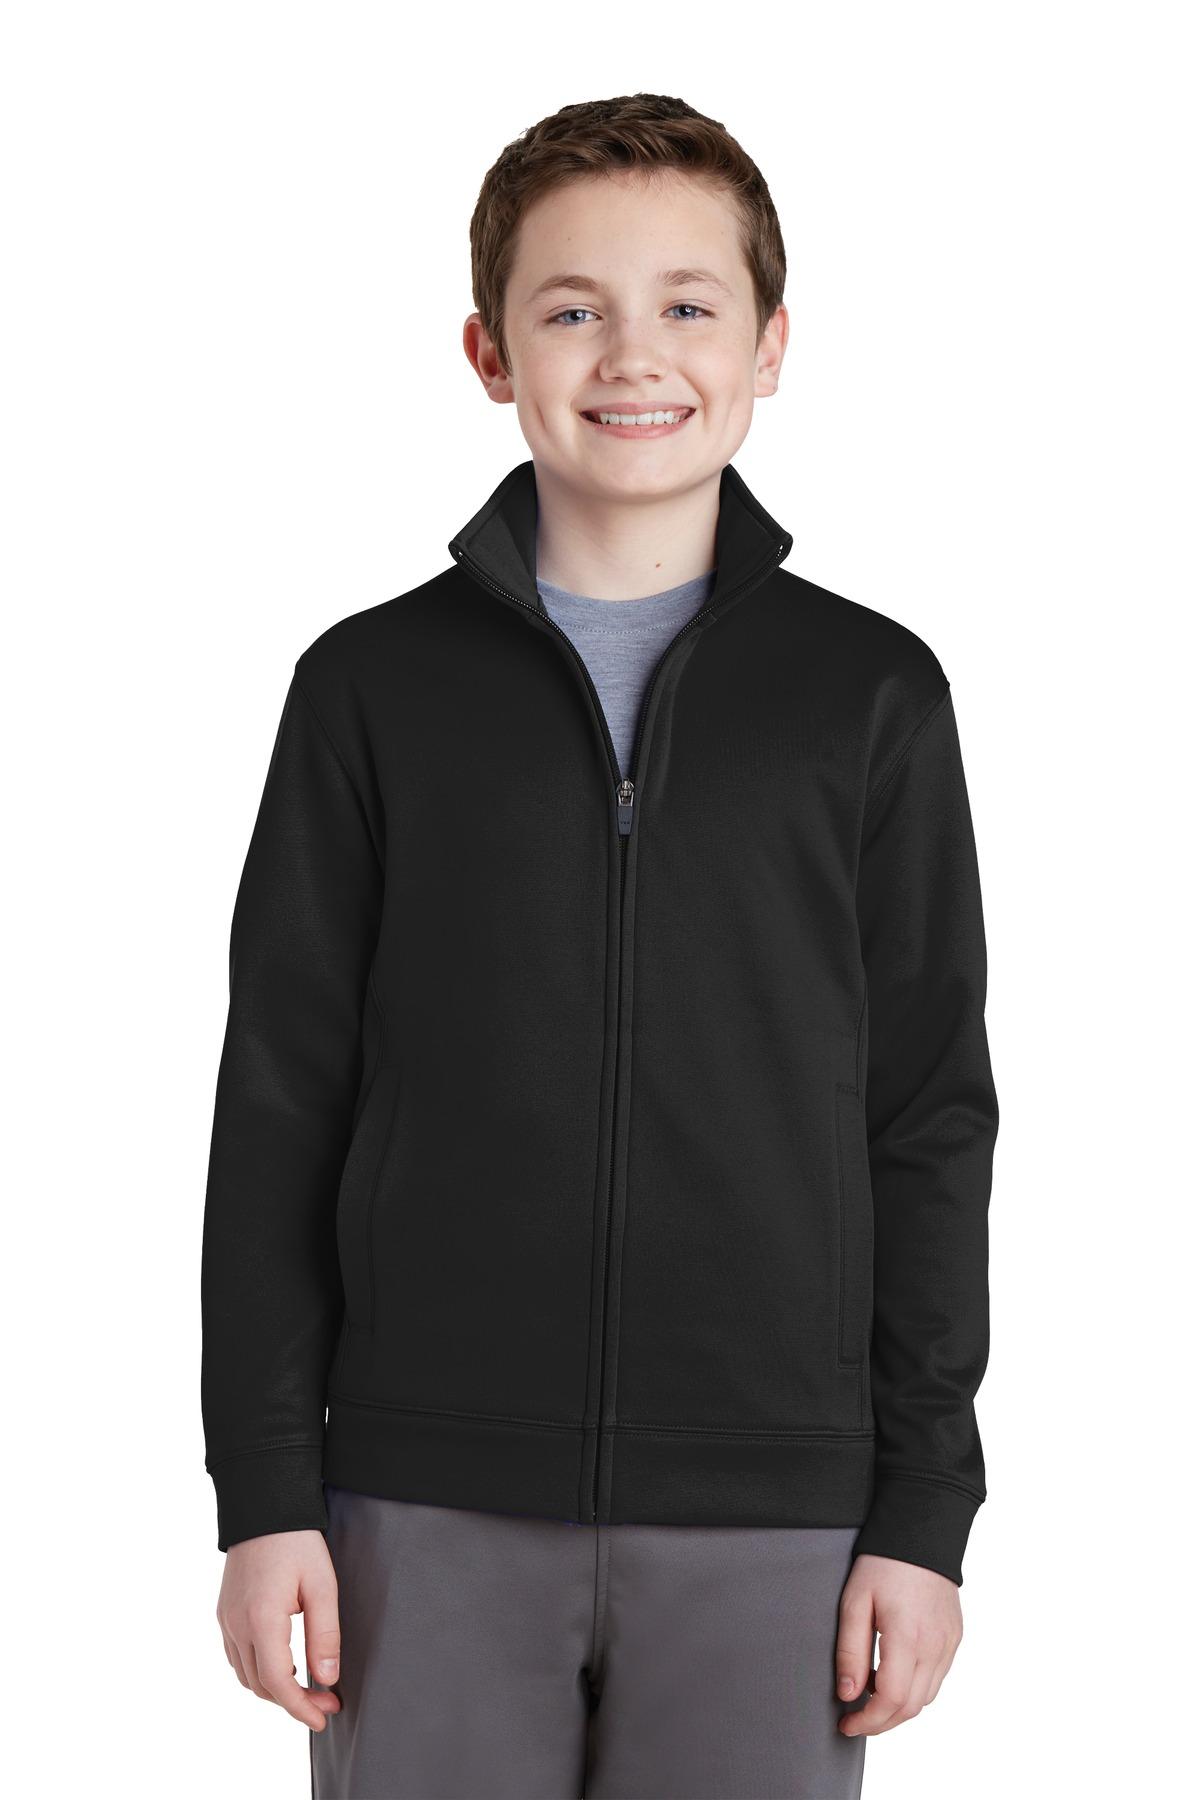 Sport-Tek  Youth Sport-Wick  YST241 - Fleece Full-Zip Jacket